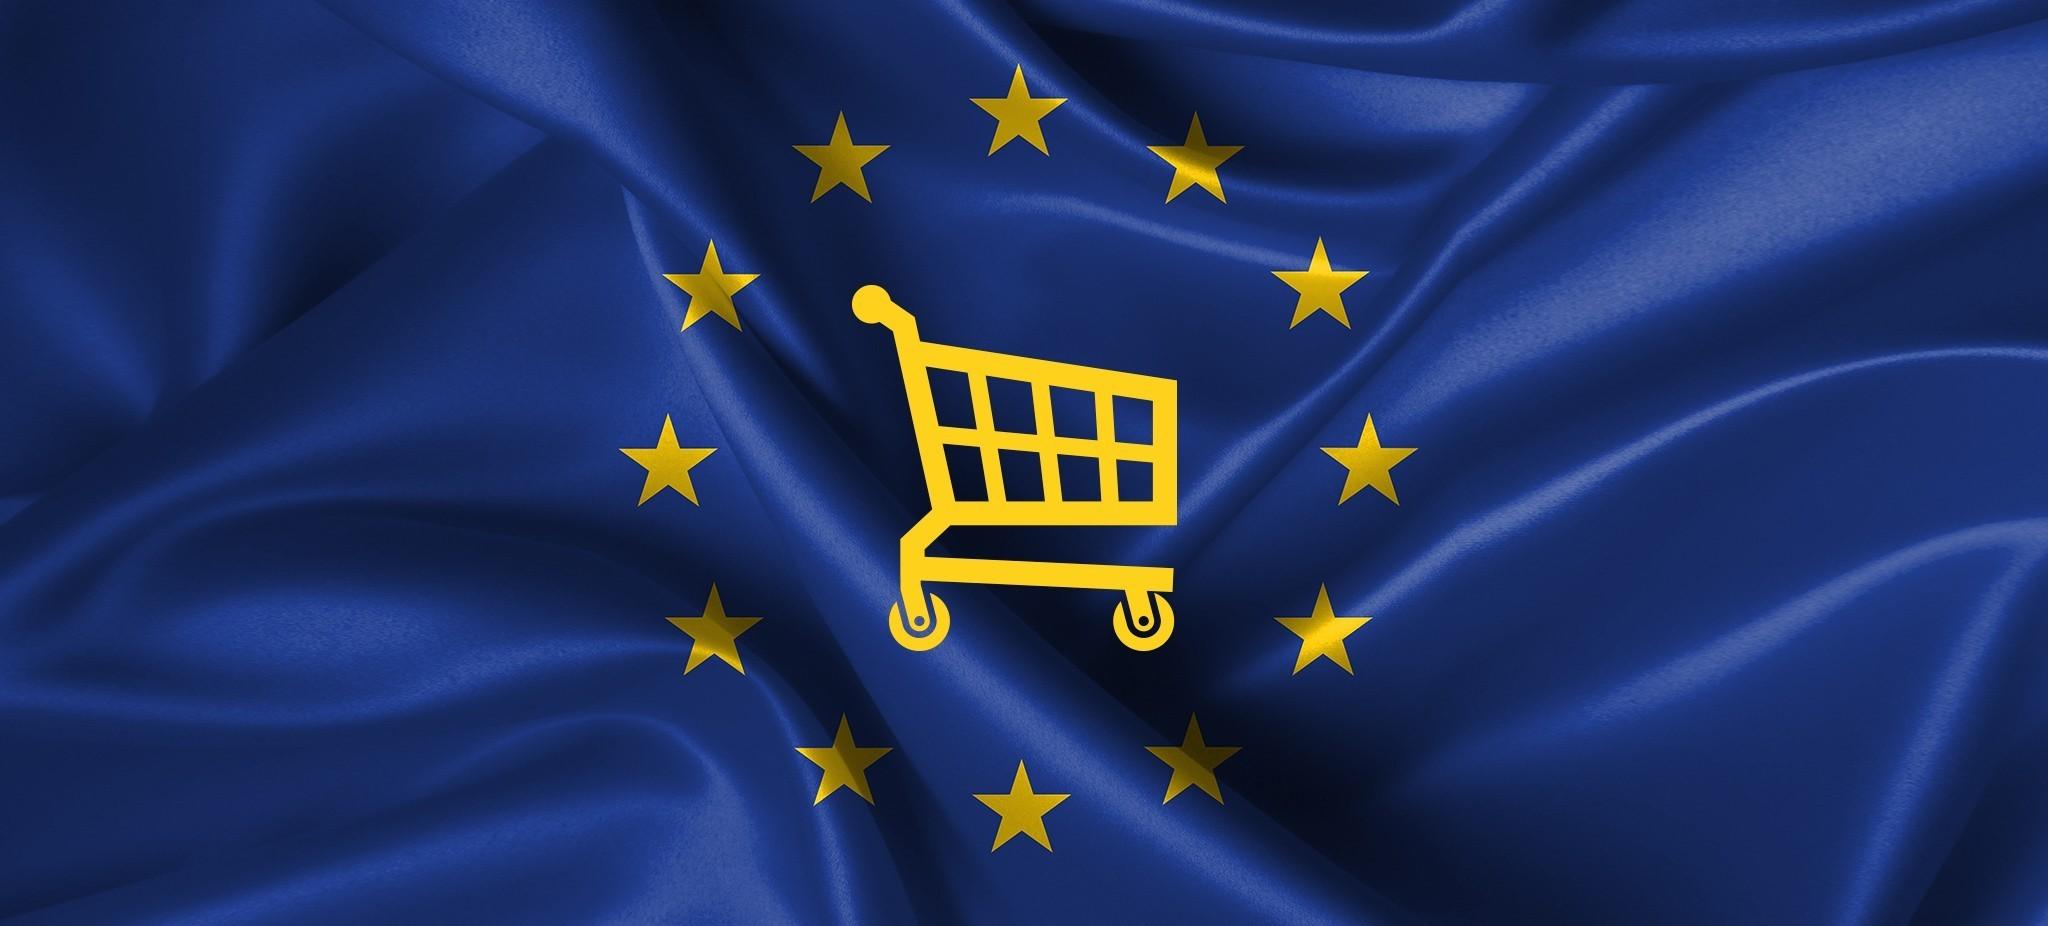 pacchetto e-commerce ue